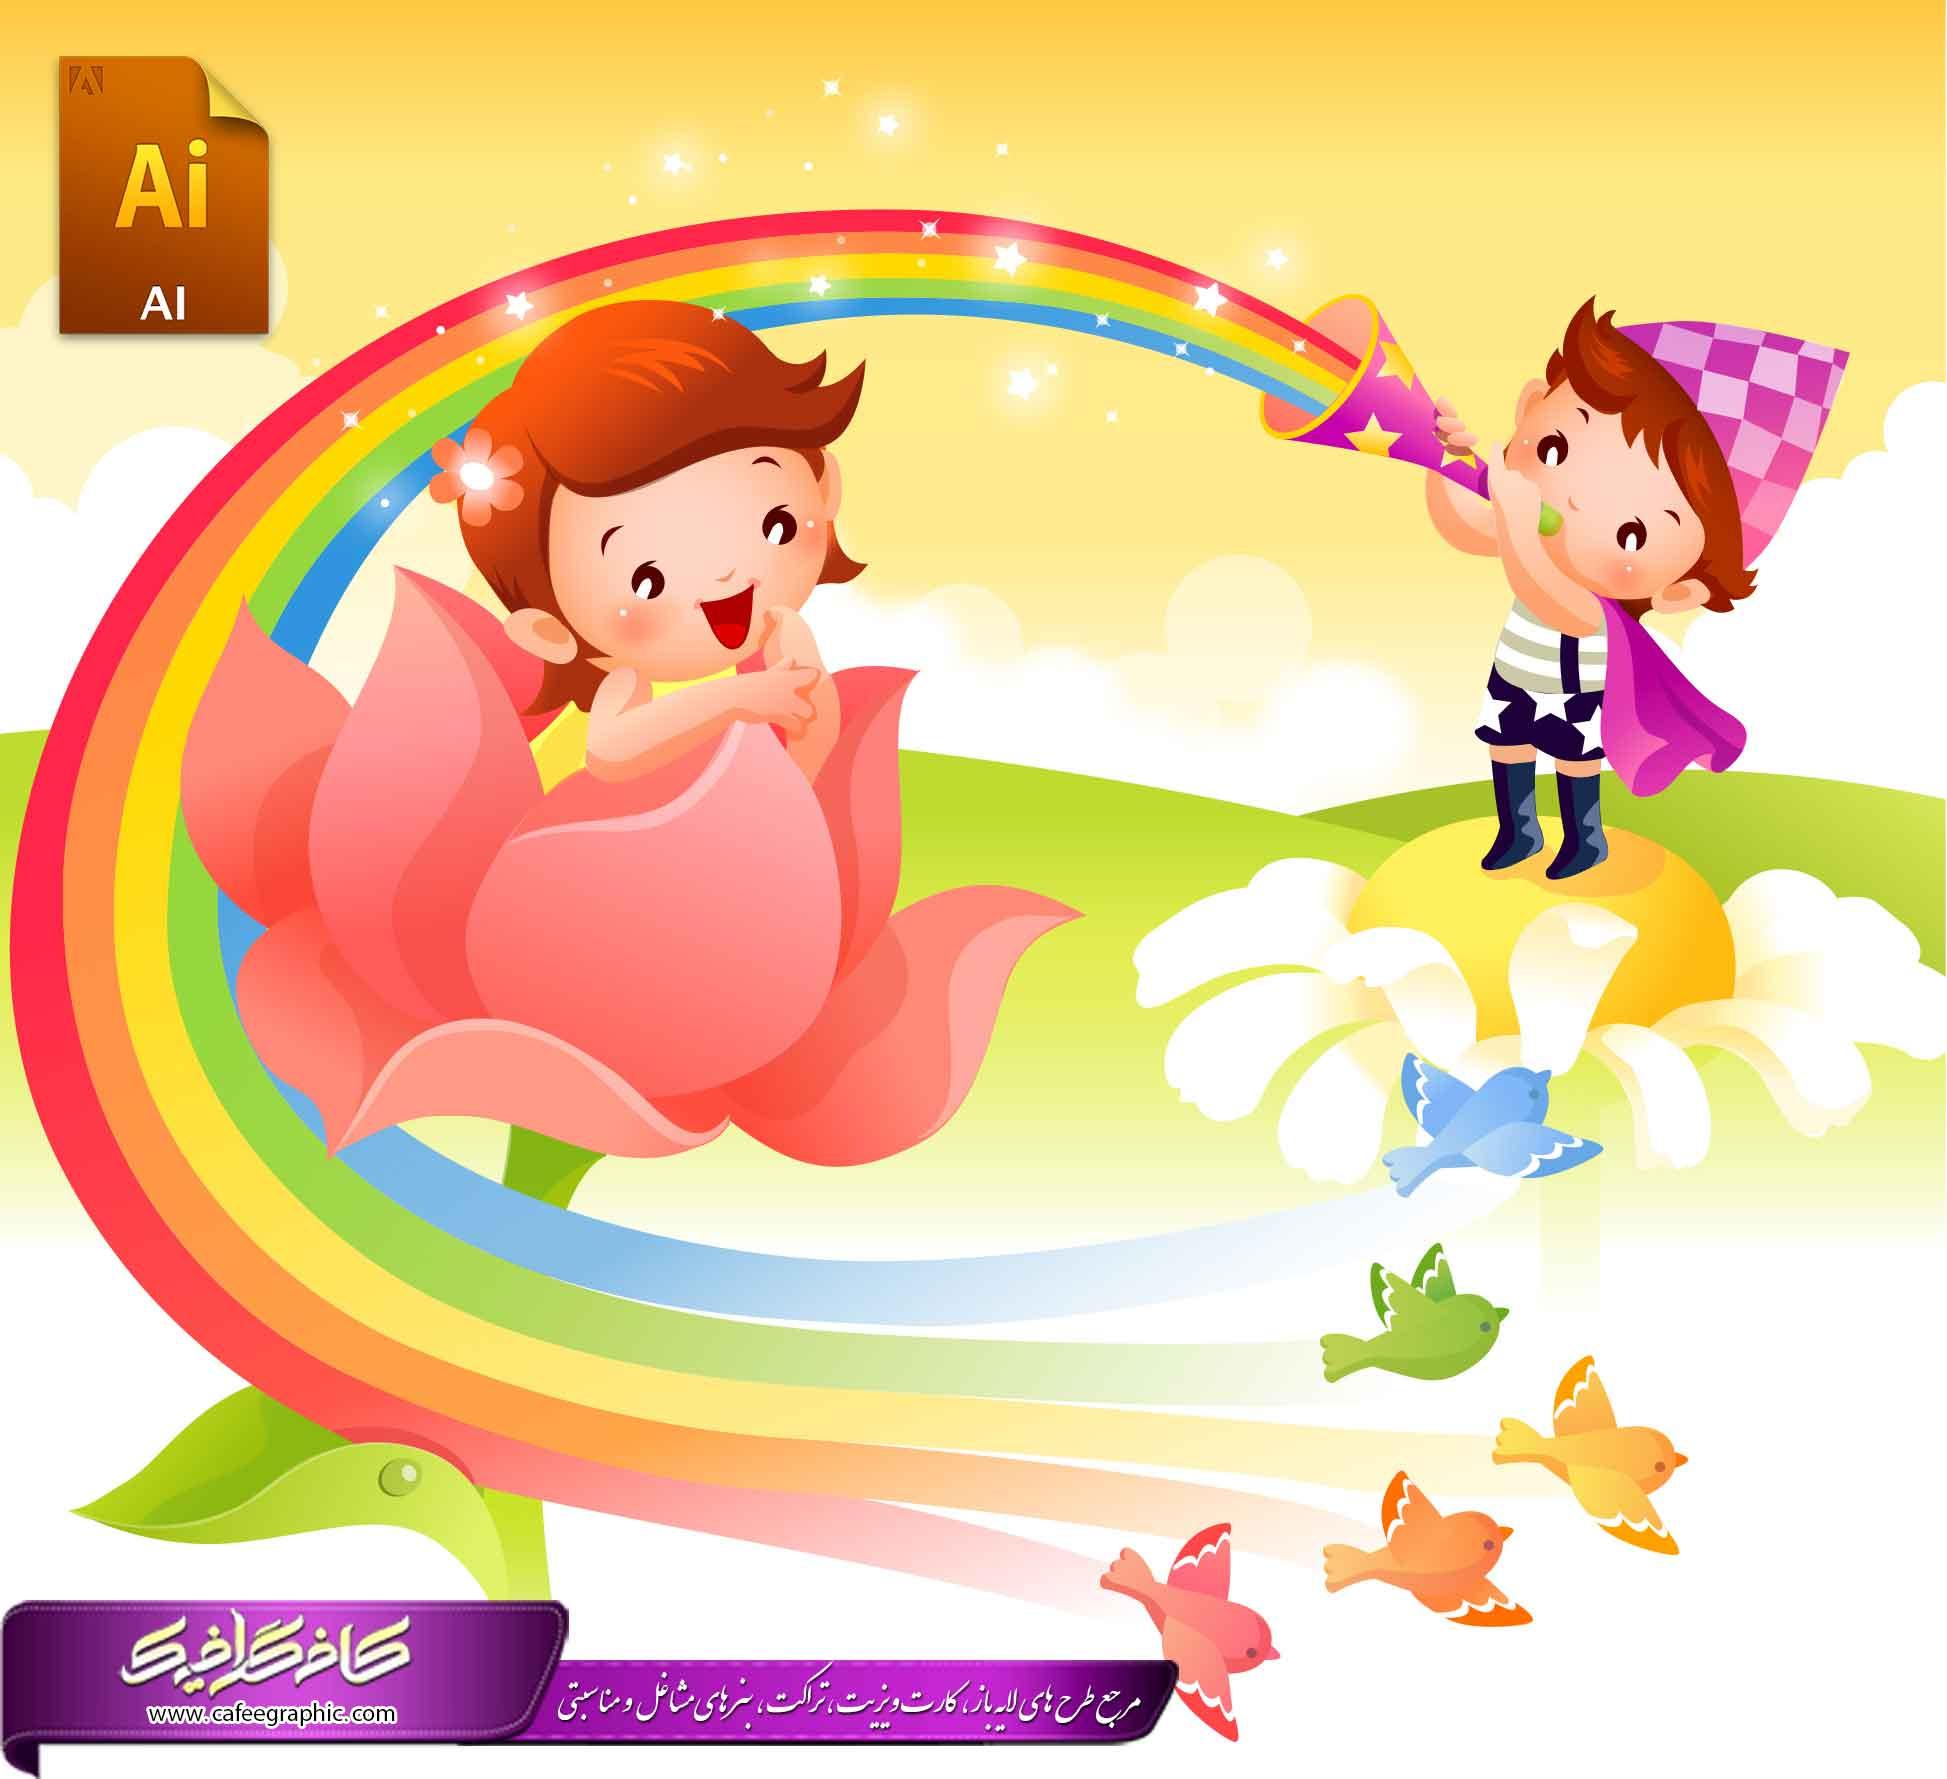 کارکتر و شخصیت کارتونی کودک و رنگین کمان در فرمت Ai و eps